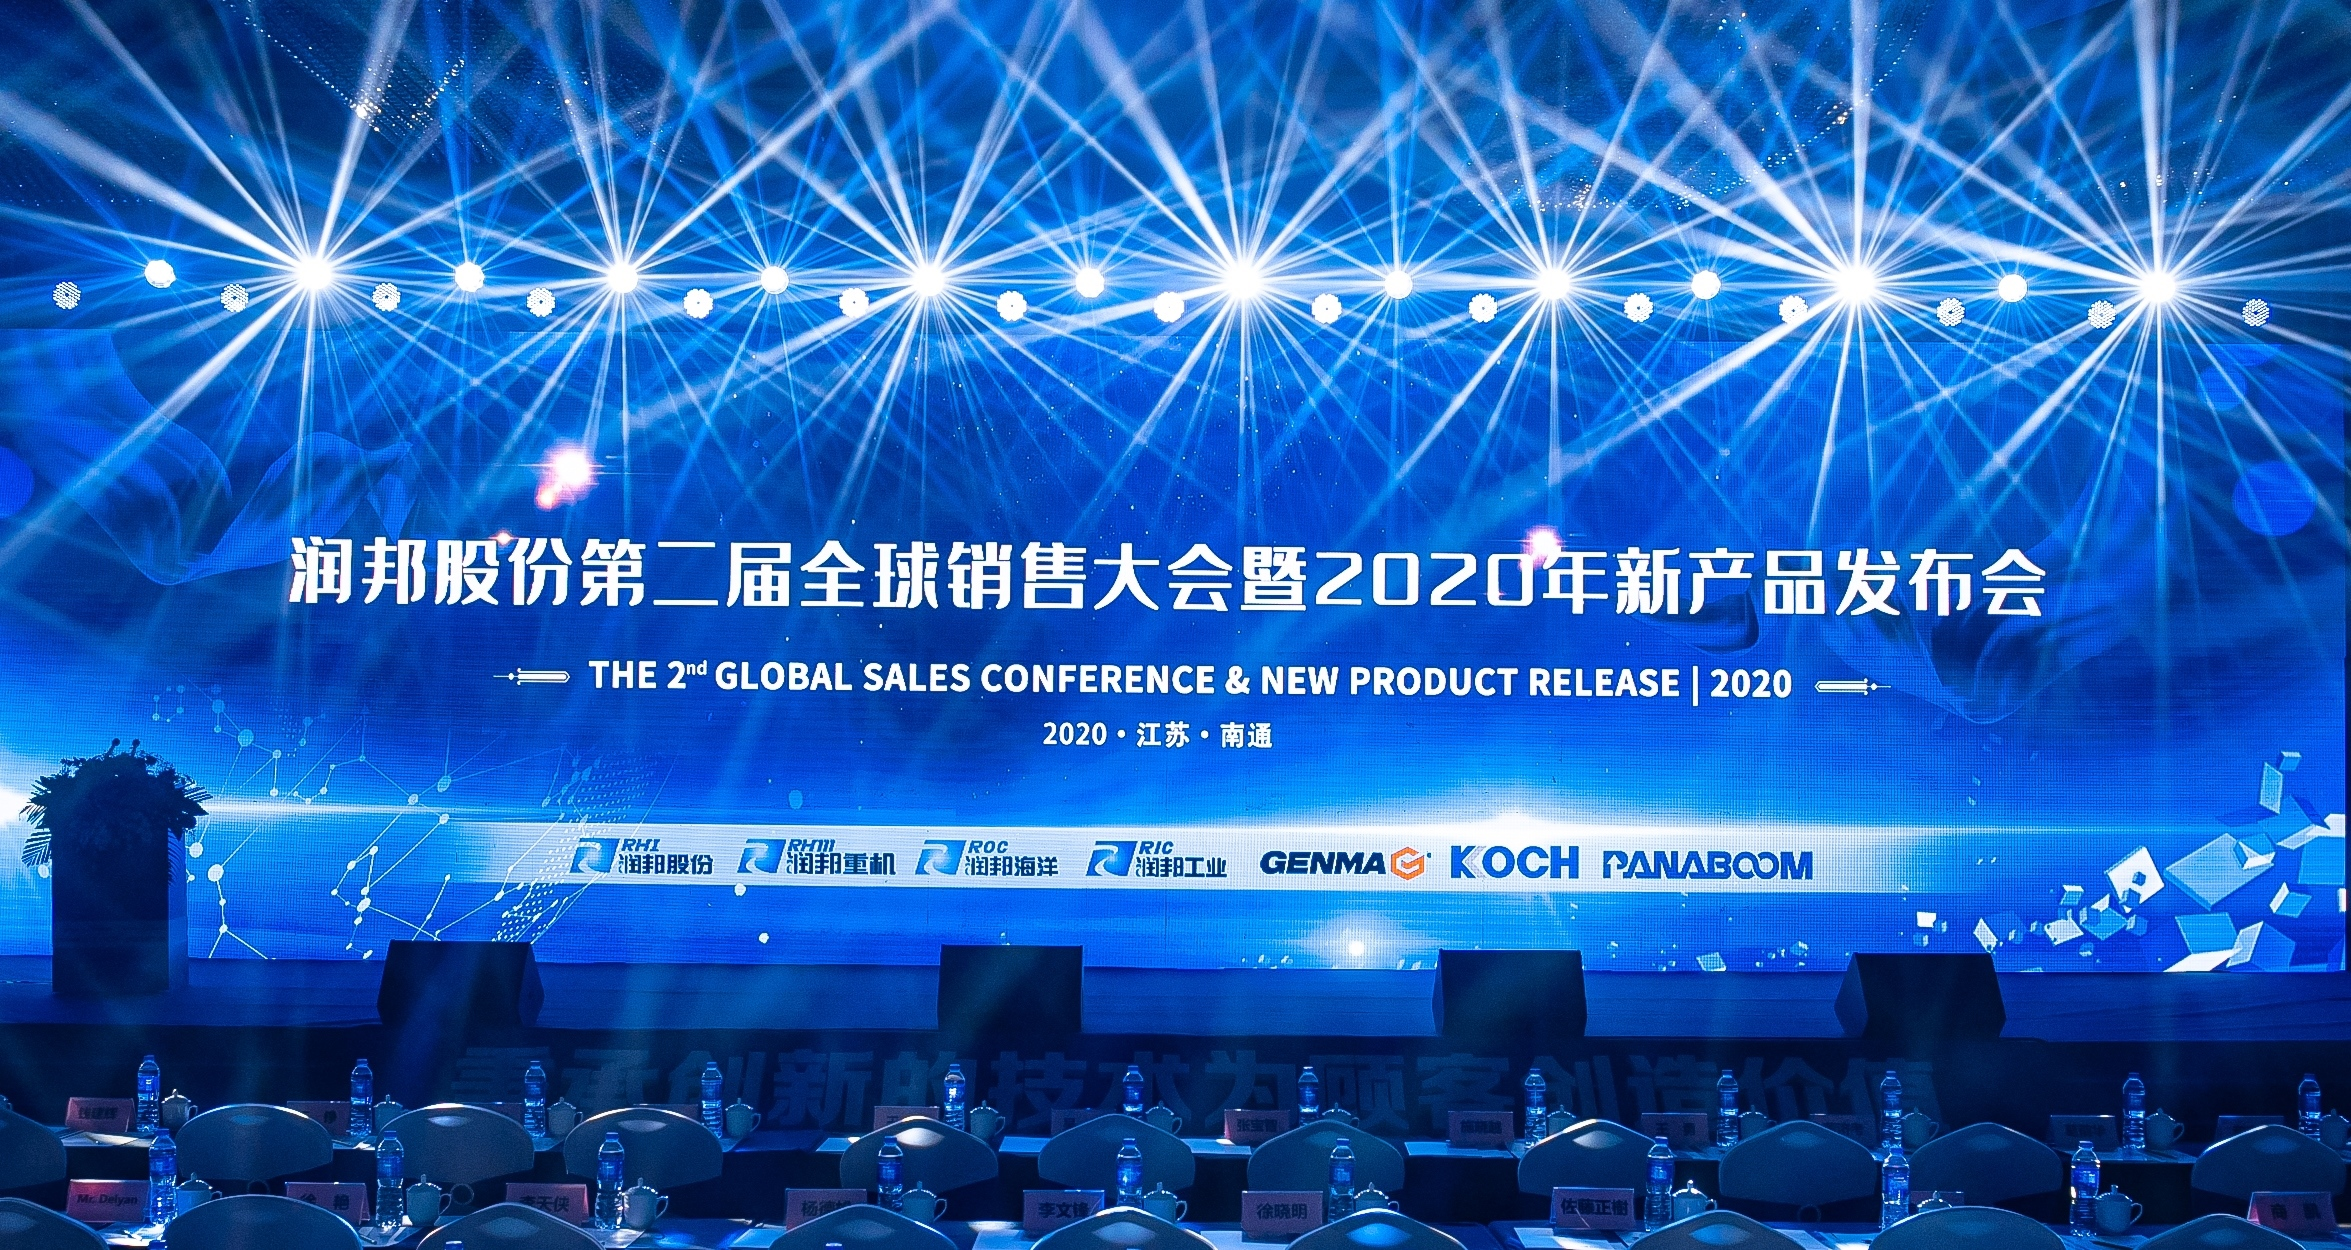 """""""平等互利 合作共赢"""" 润邦股份第二届全球销售大会暨2020年新产品发布会隆重举行"""